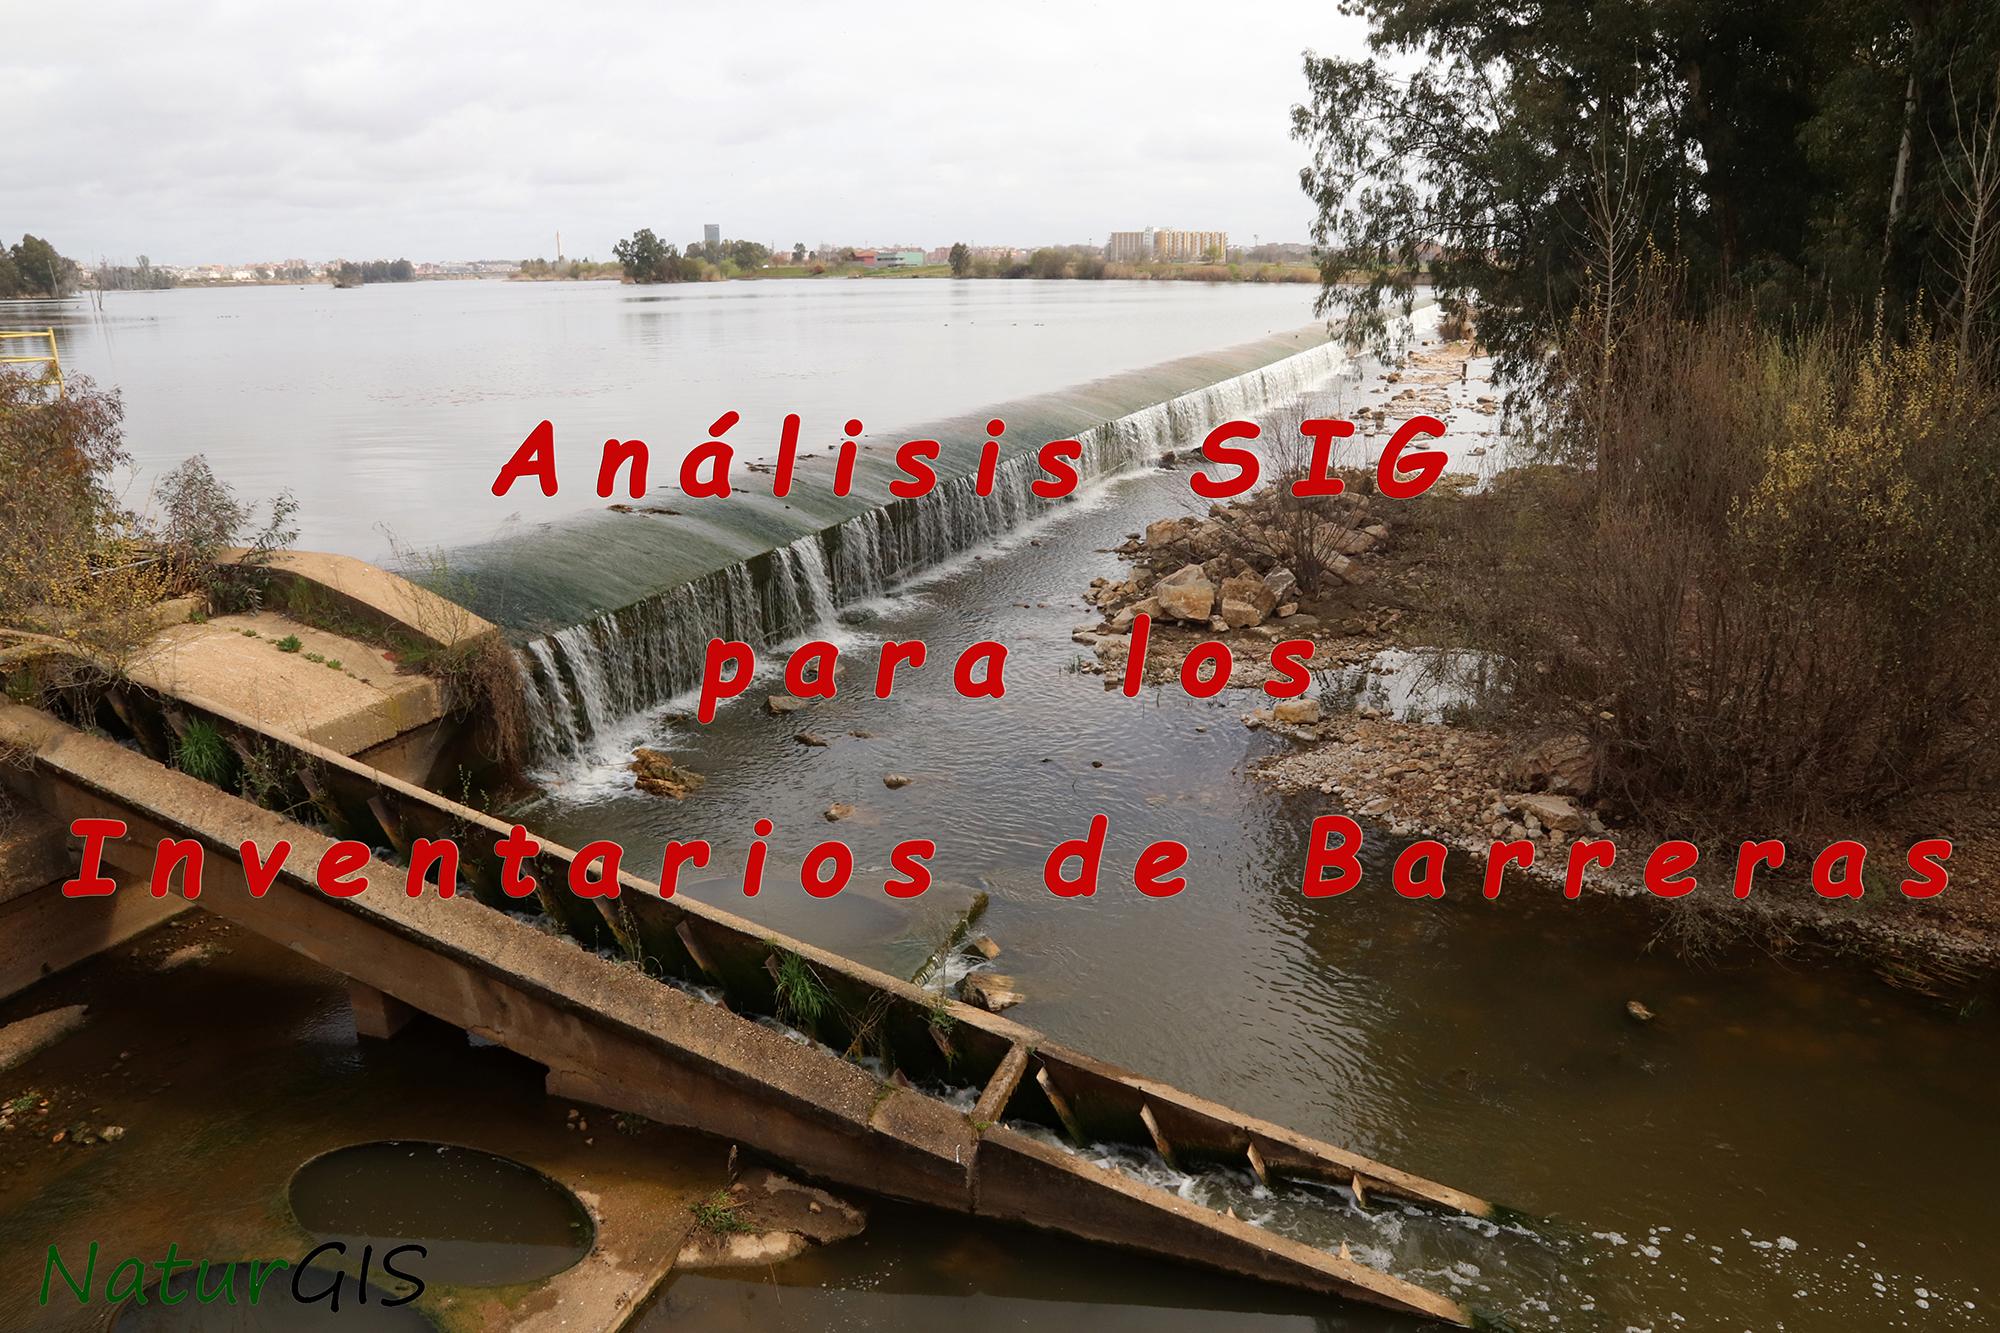 Inventarios de Barreras SIG GIS NaturGIS Extremadura